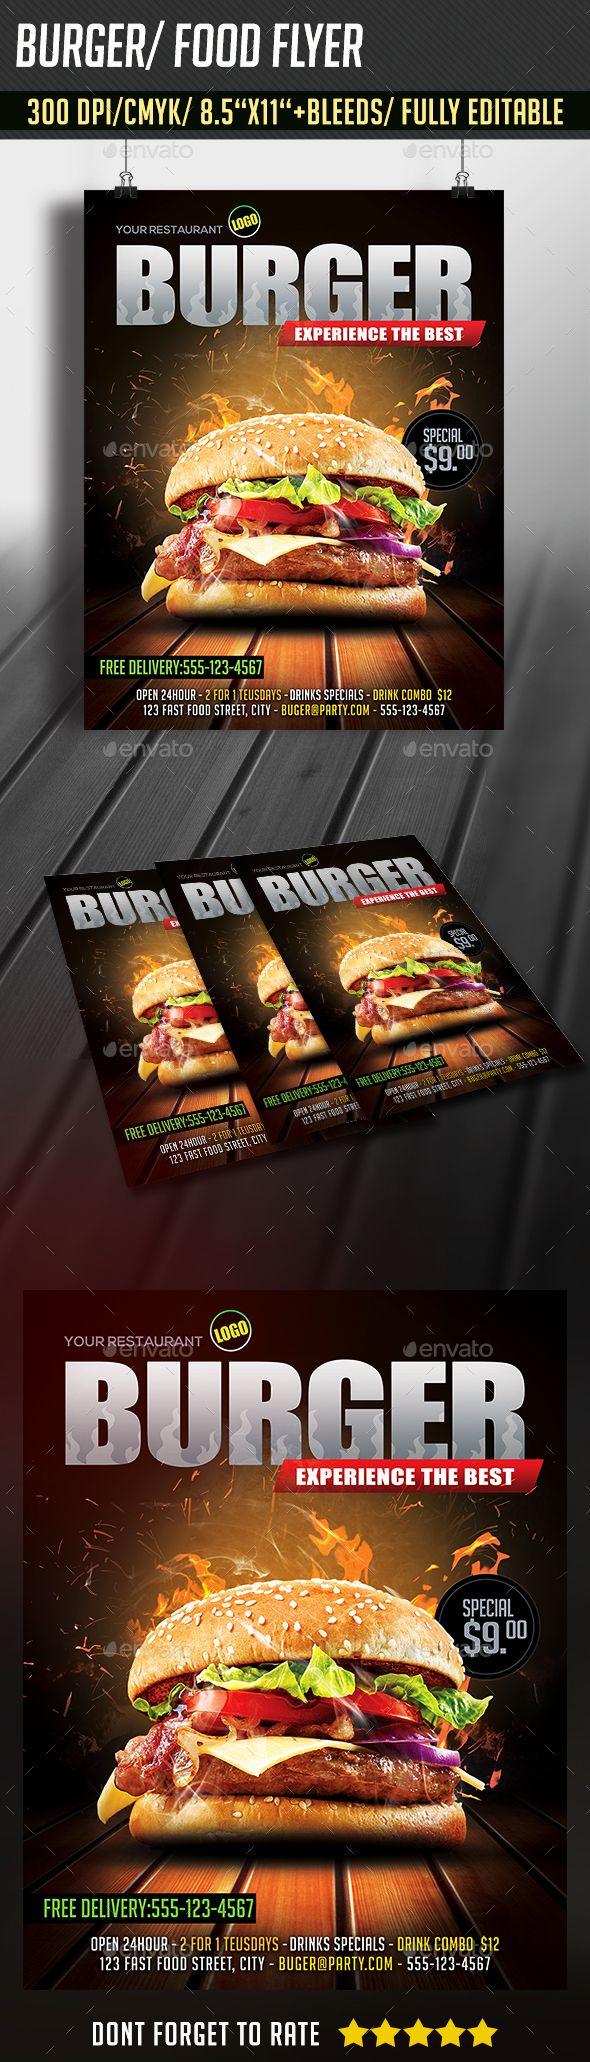 Burger / Food Flyer Template PSD #design Download: http://graphicriver.net/item/burger-food-flyer/14375460?ref=ksioks